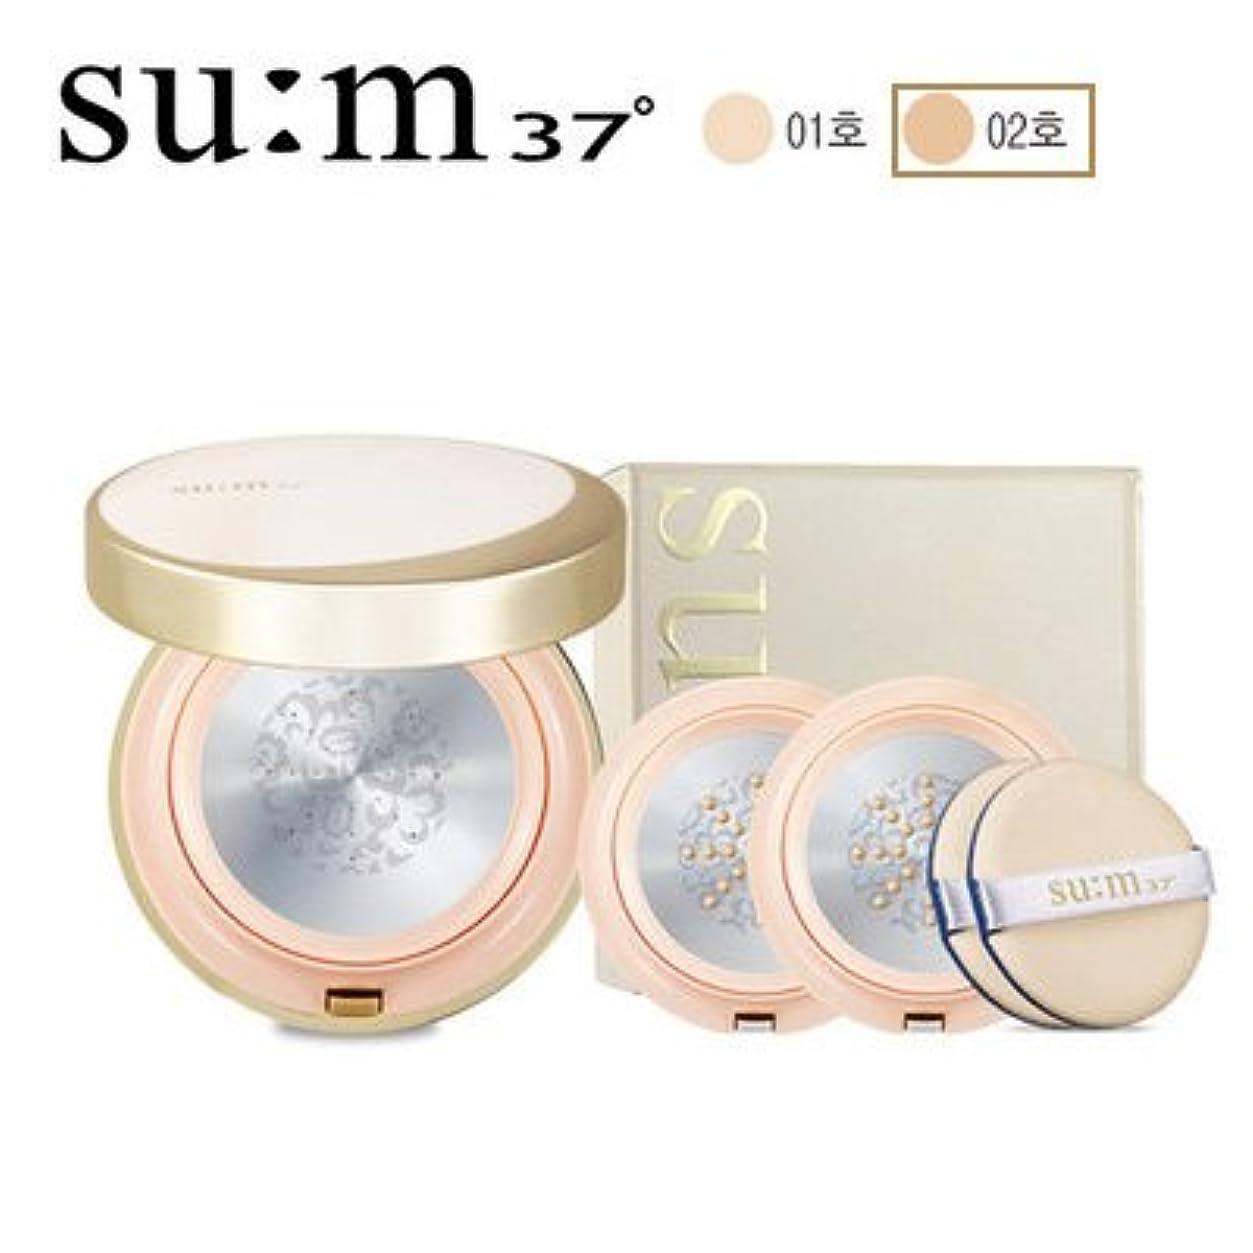 発表配分収益su:m37/スム37° スム37 AR TF グロウー メタルクッション 本品1個+リフィル2個 (sum 37oAir RisingTF Glow Cover Metal Cushion 15g + Refill 2ea) [海外直送品] (2号)